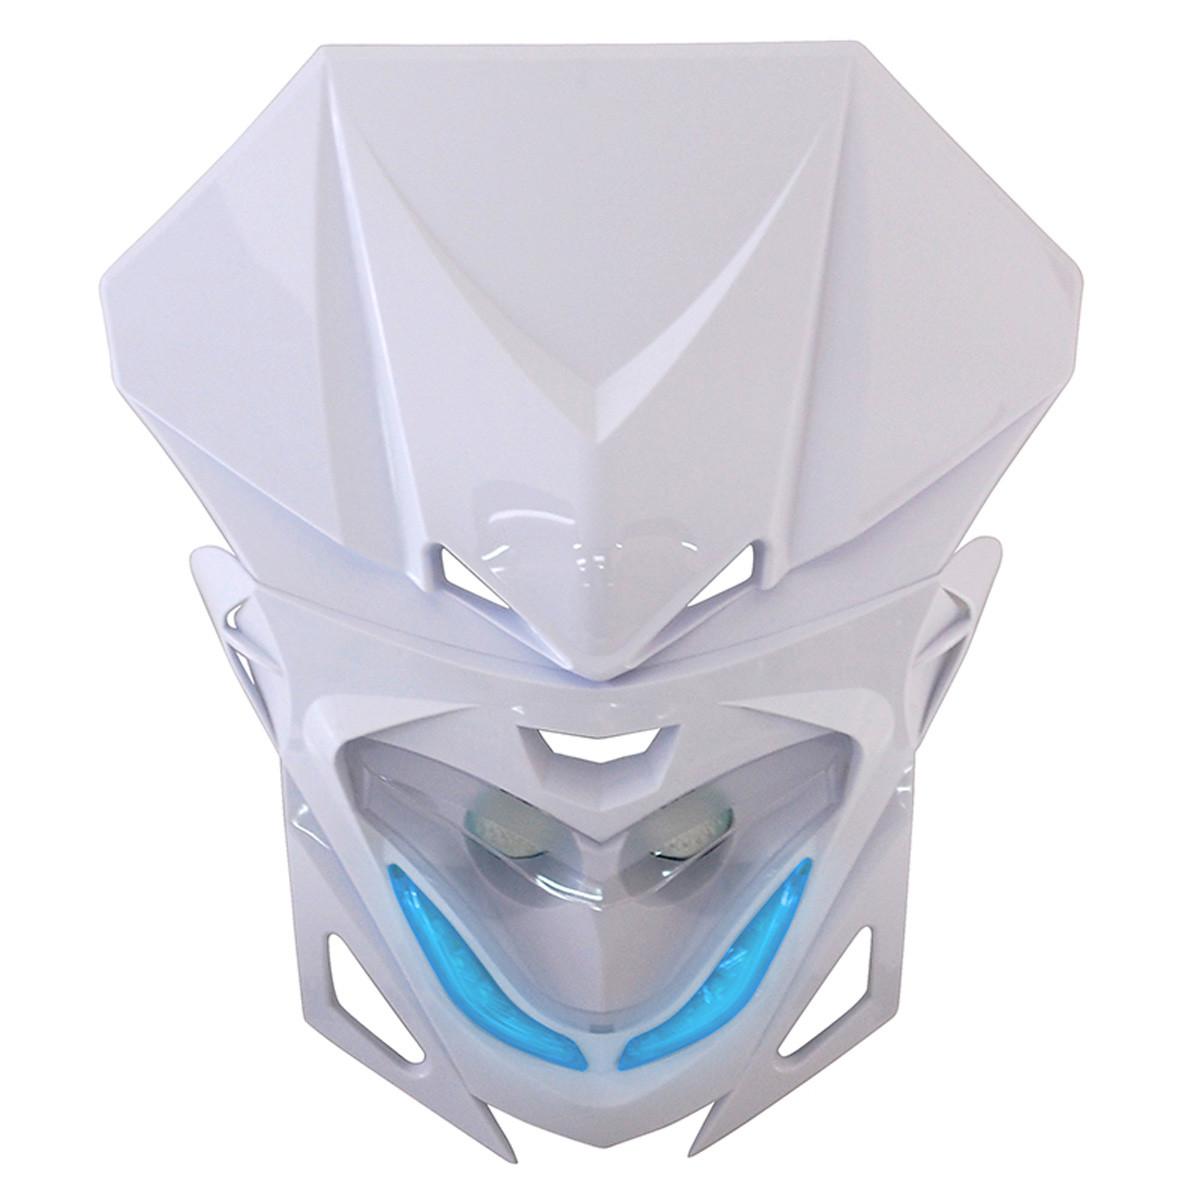 Tête de Fourche / Plaque phare - RR8 2x20w Blanc à Leds bleus